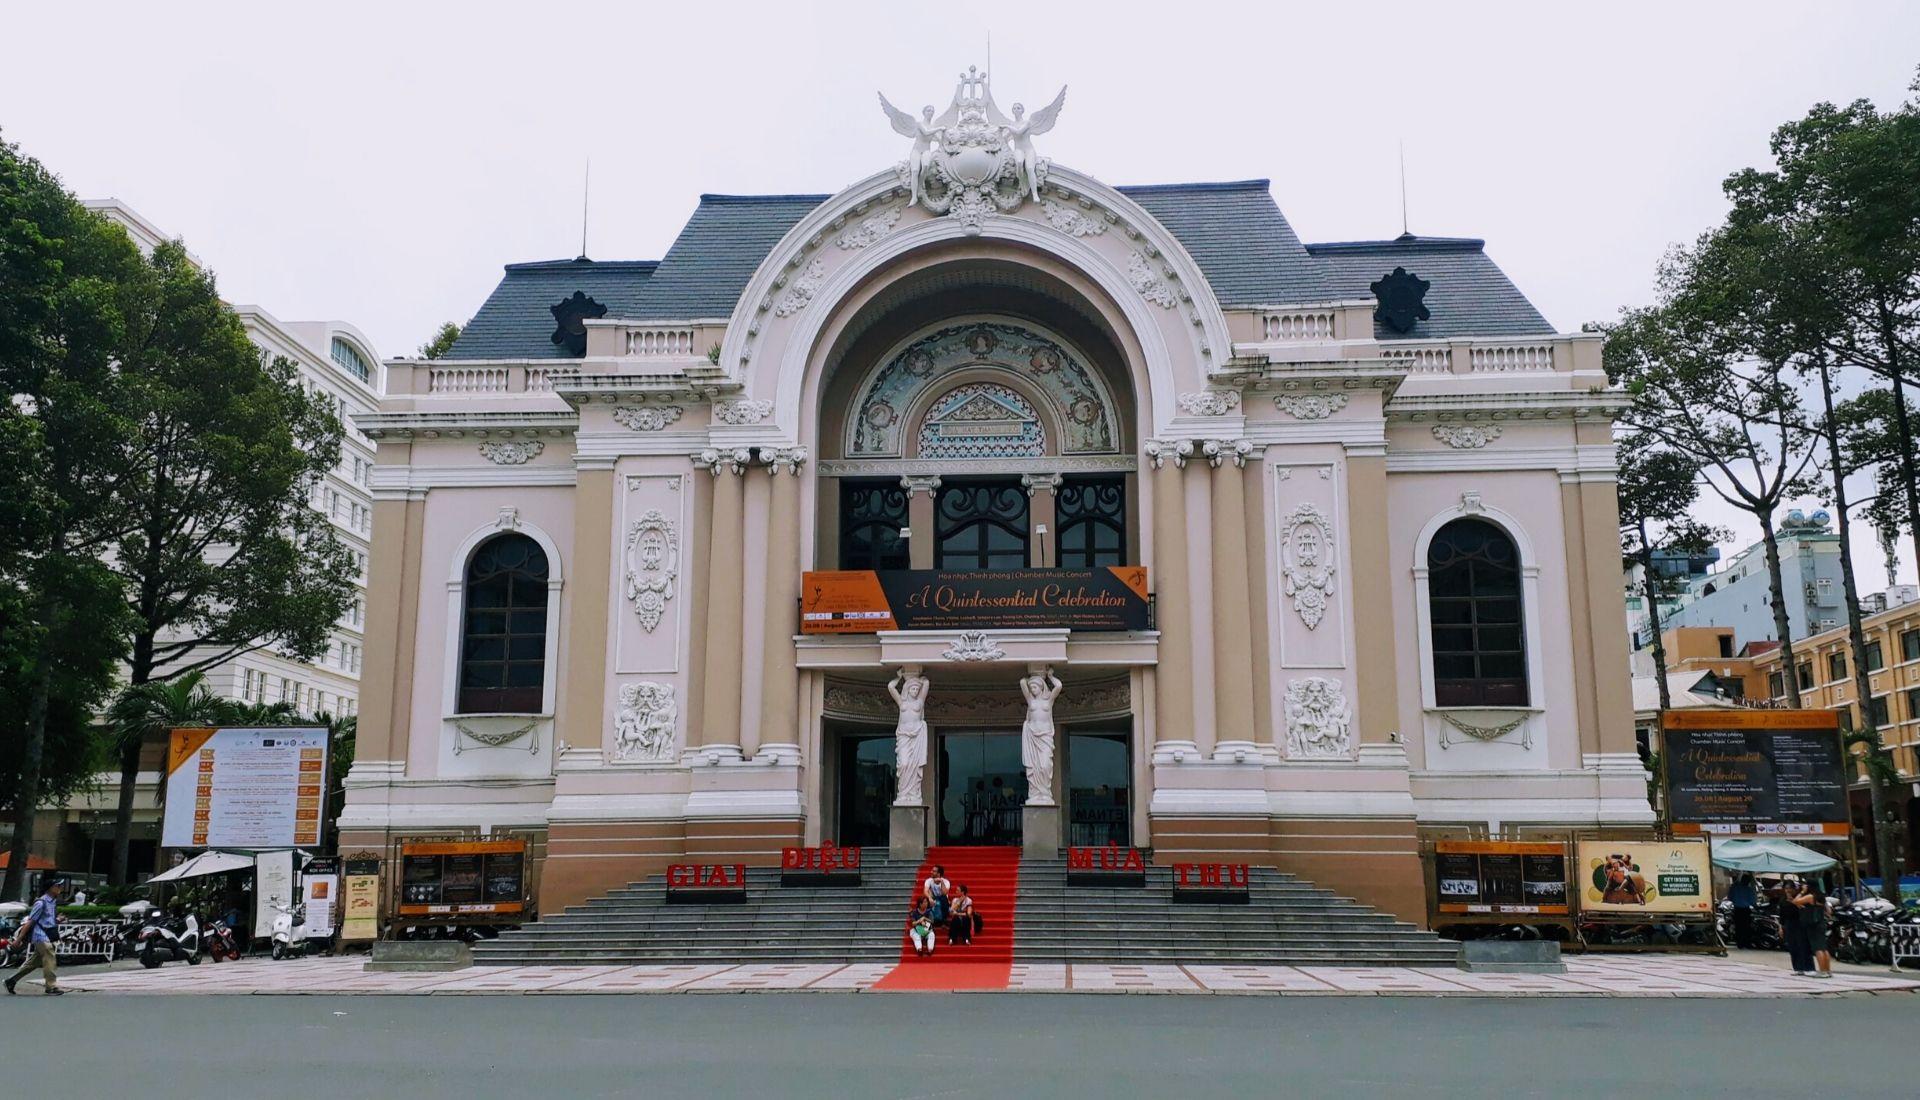 The Opera House in Saigon - 5 days in Saigon